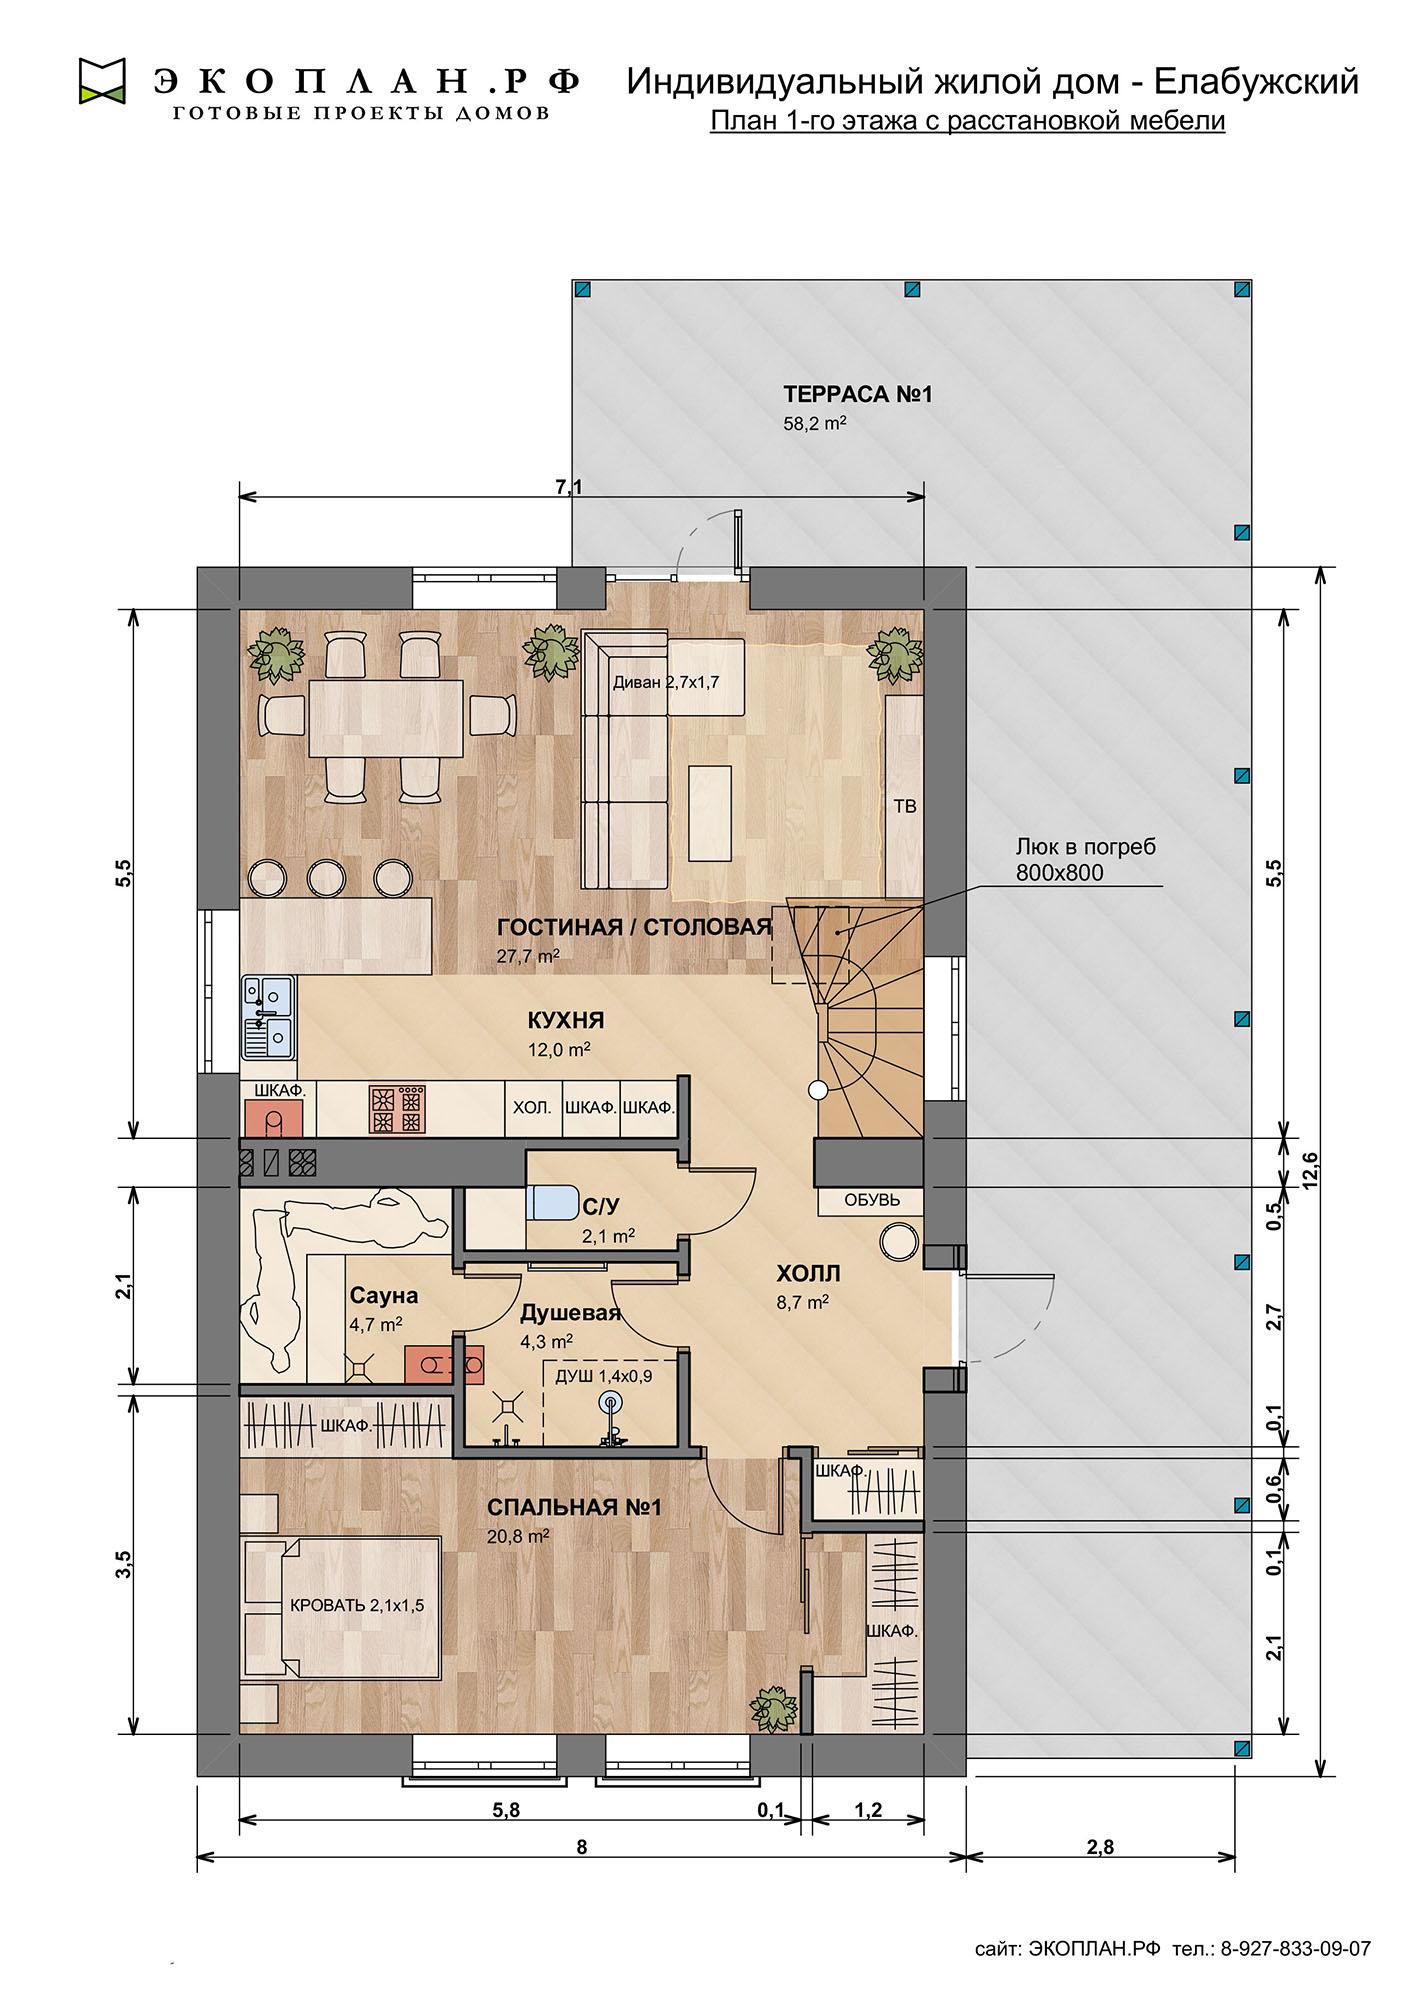 Елабужский - Готовый проект дома - Экоплан план